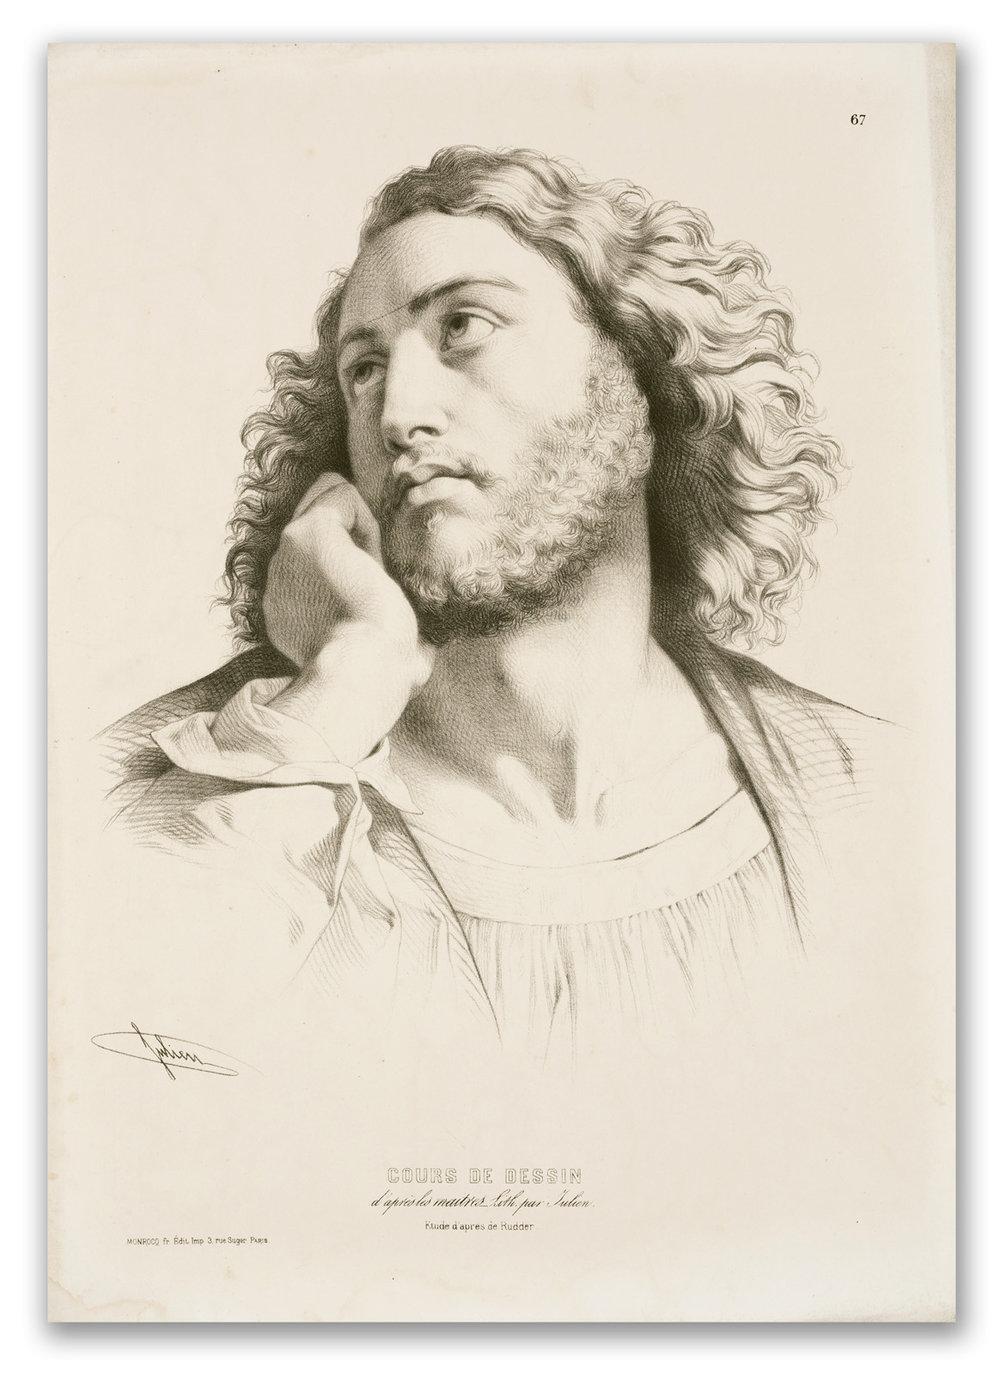 Bernard Romain Julien, (French 1802-1871), Cours de Dessin after Louis Henri de Rudder, c.1850.